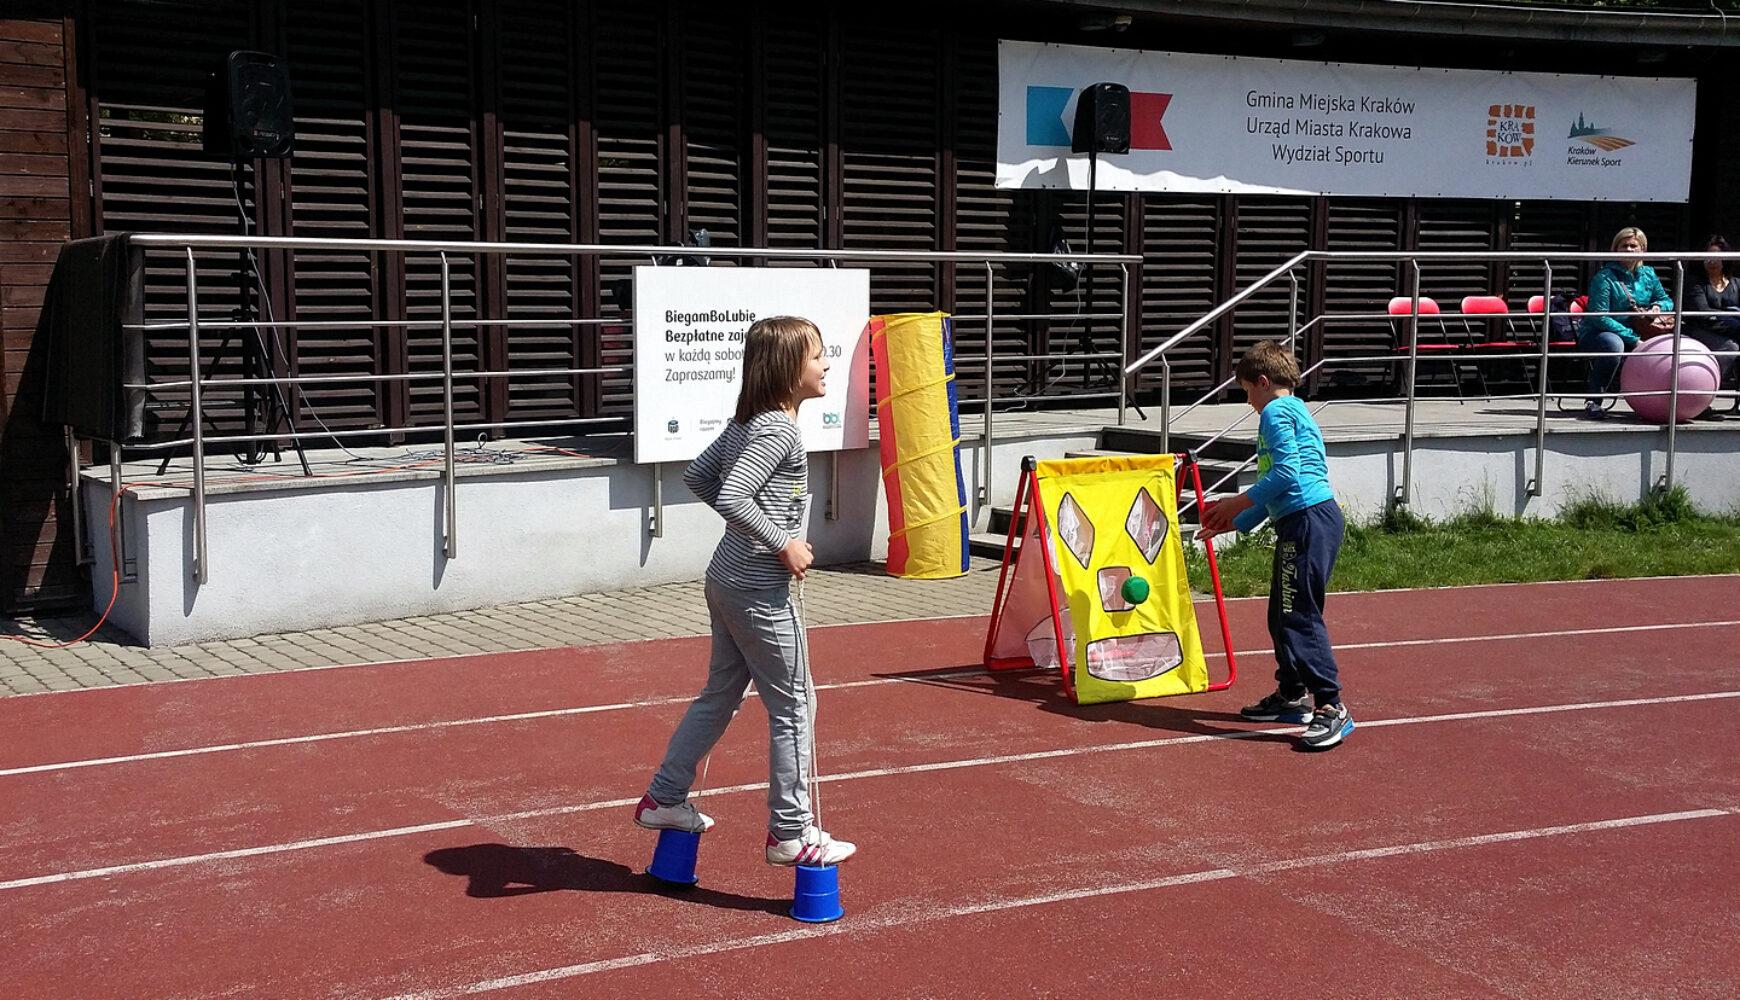 Odmaja zajęcia rekreacyjno-sportowe dla dzieci nastadionie MOS Kraków Zachód